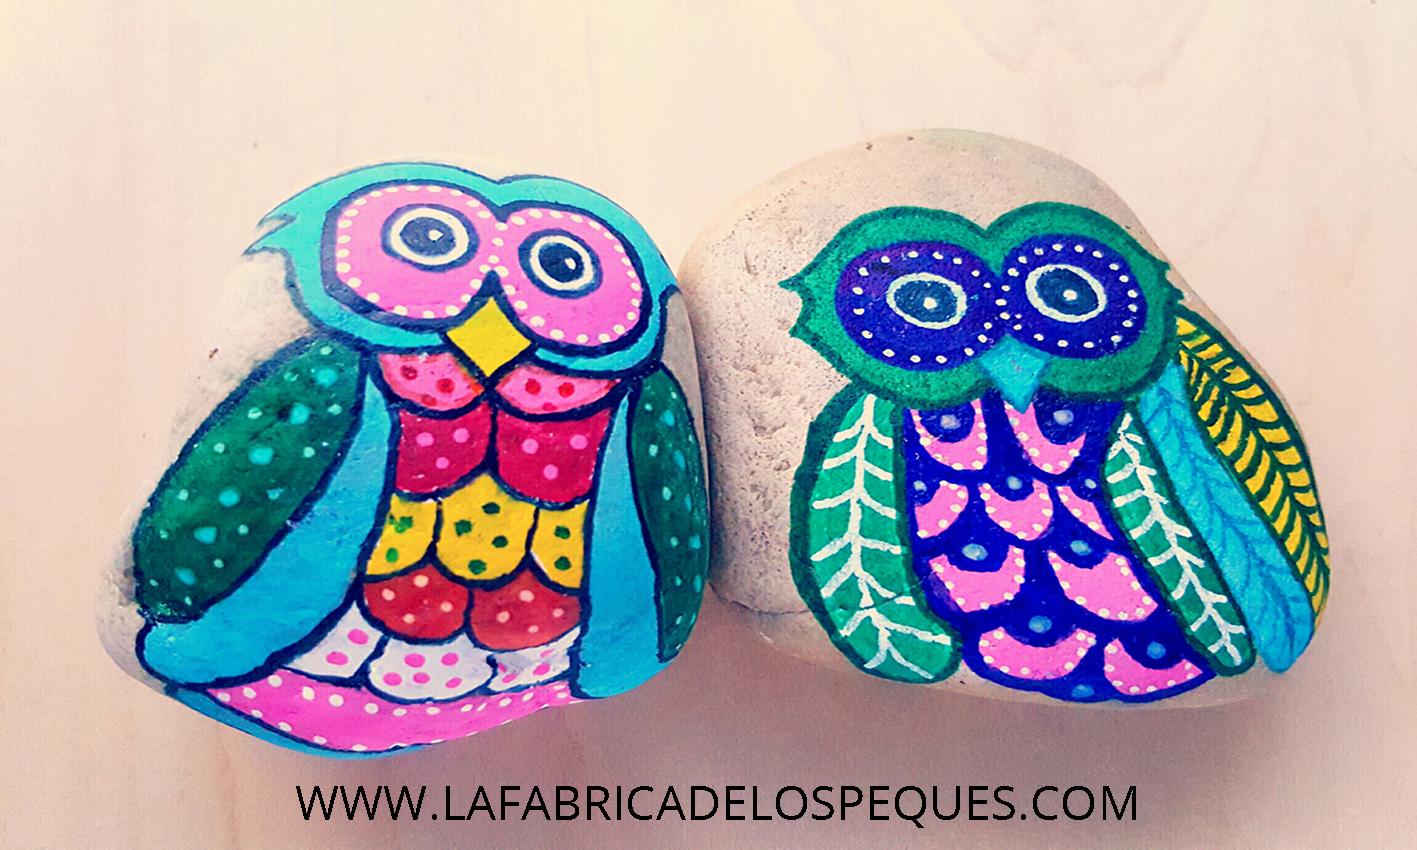 Piedras Pintadas A Mano La Fabrica De Los Peques - Dibujos-para-pintar-piedras